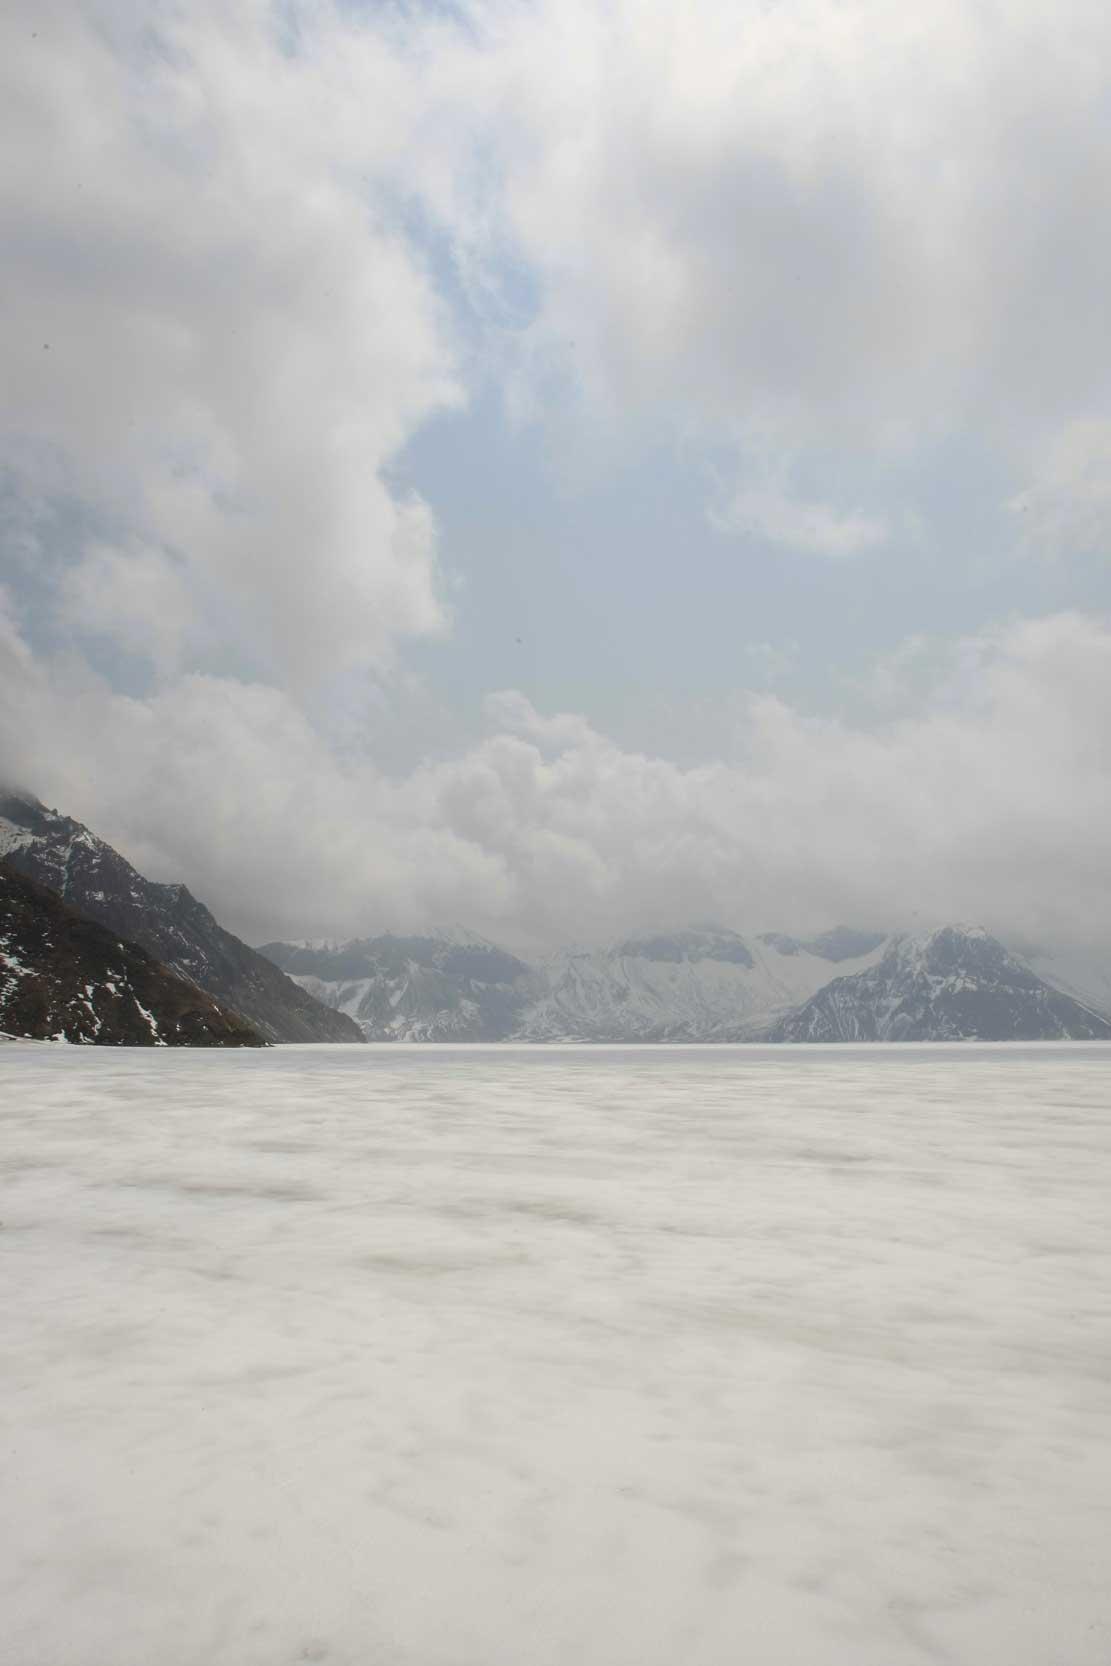 聖なる高原リゾート、長白山に登る_b0235153_1344812.jpg